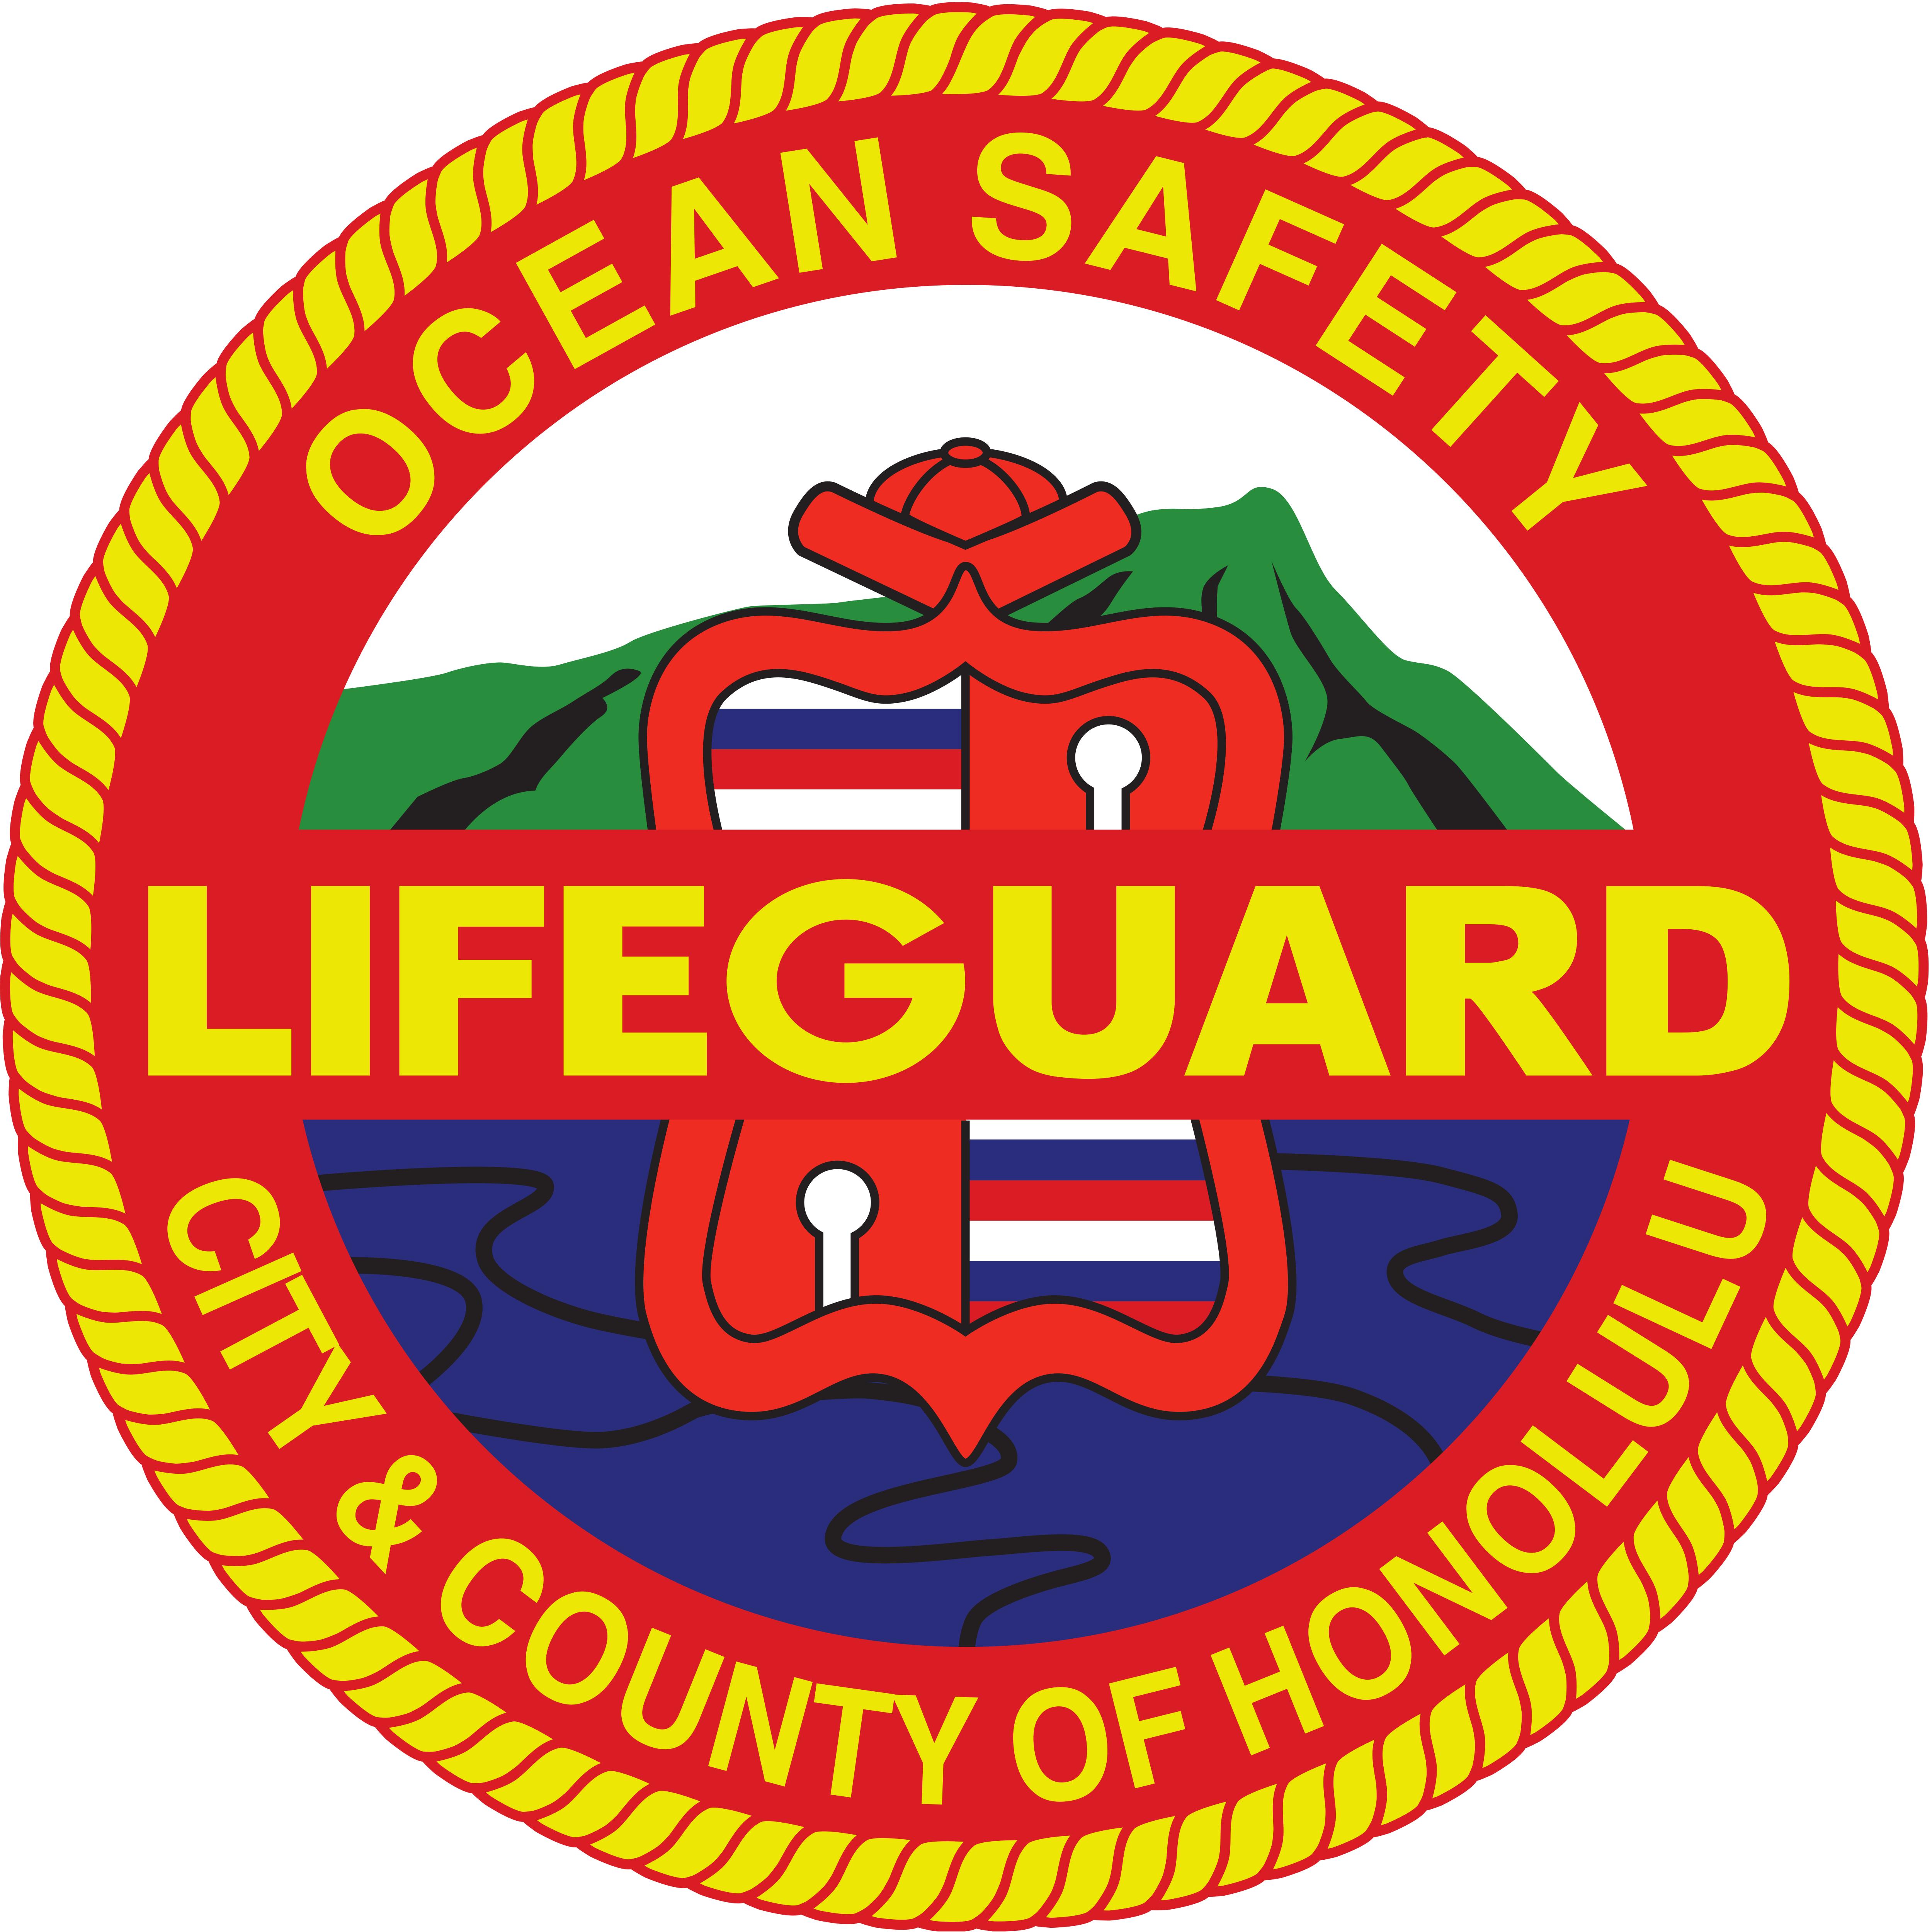 Lifeguard Seal